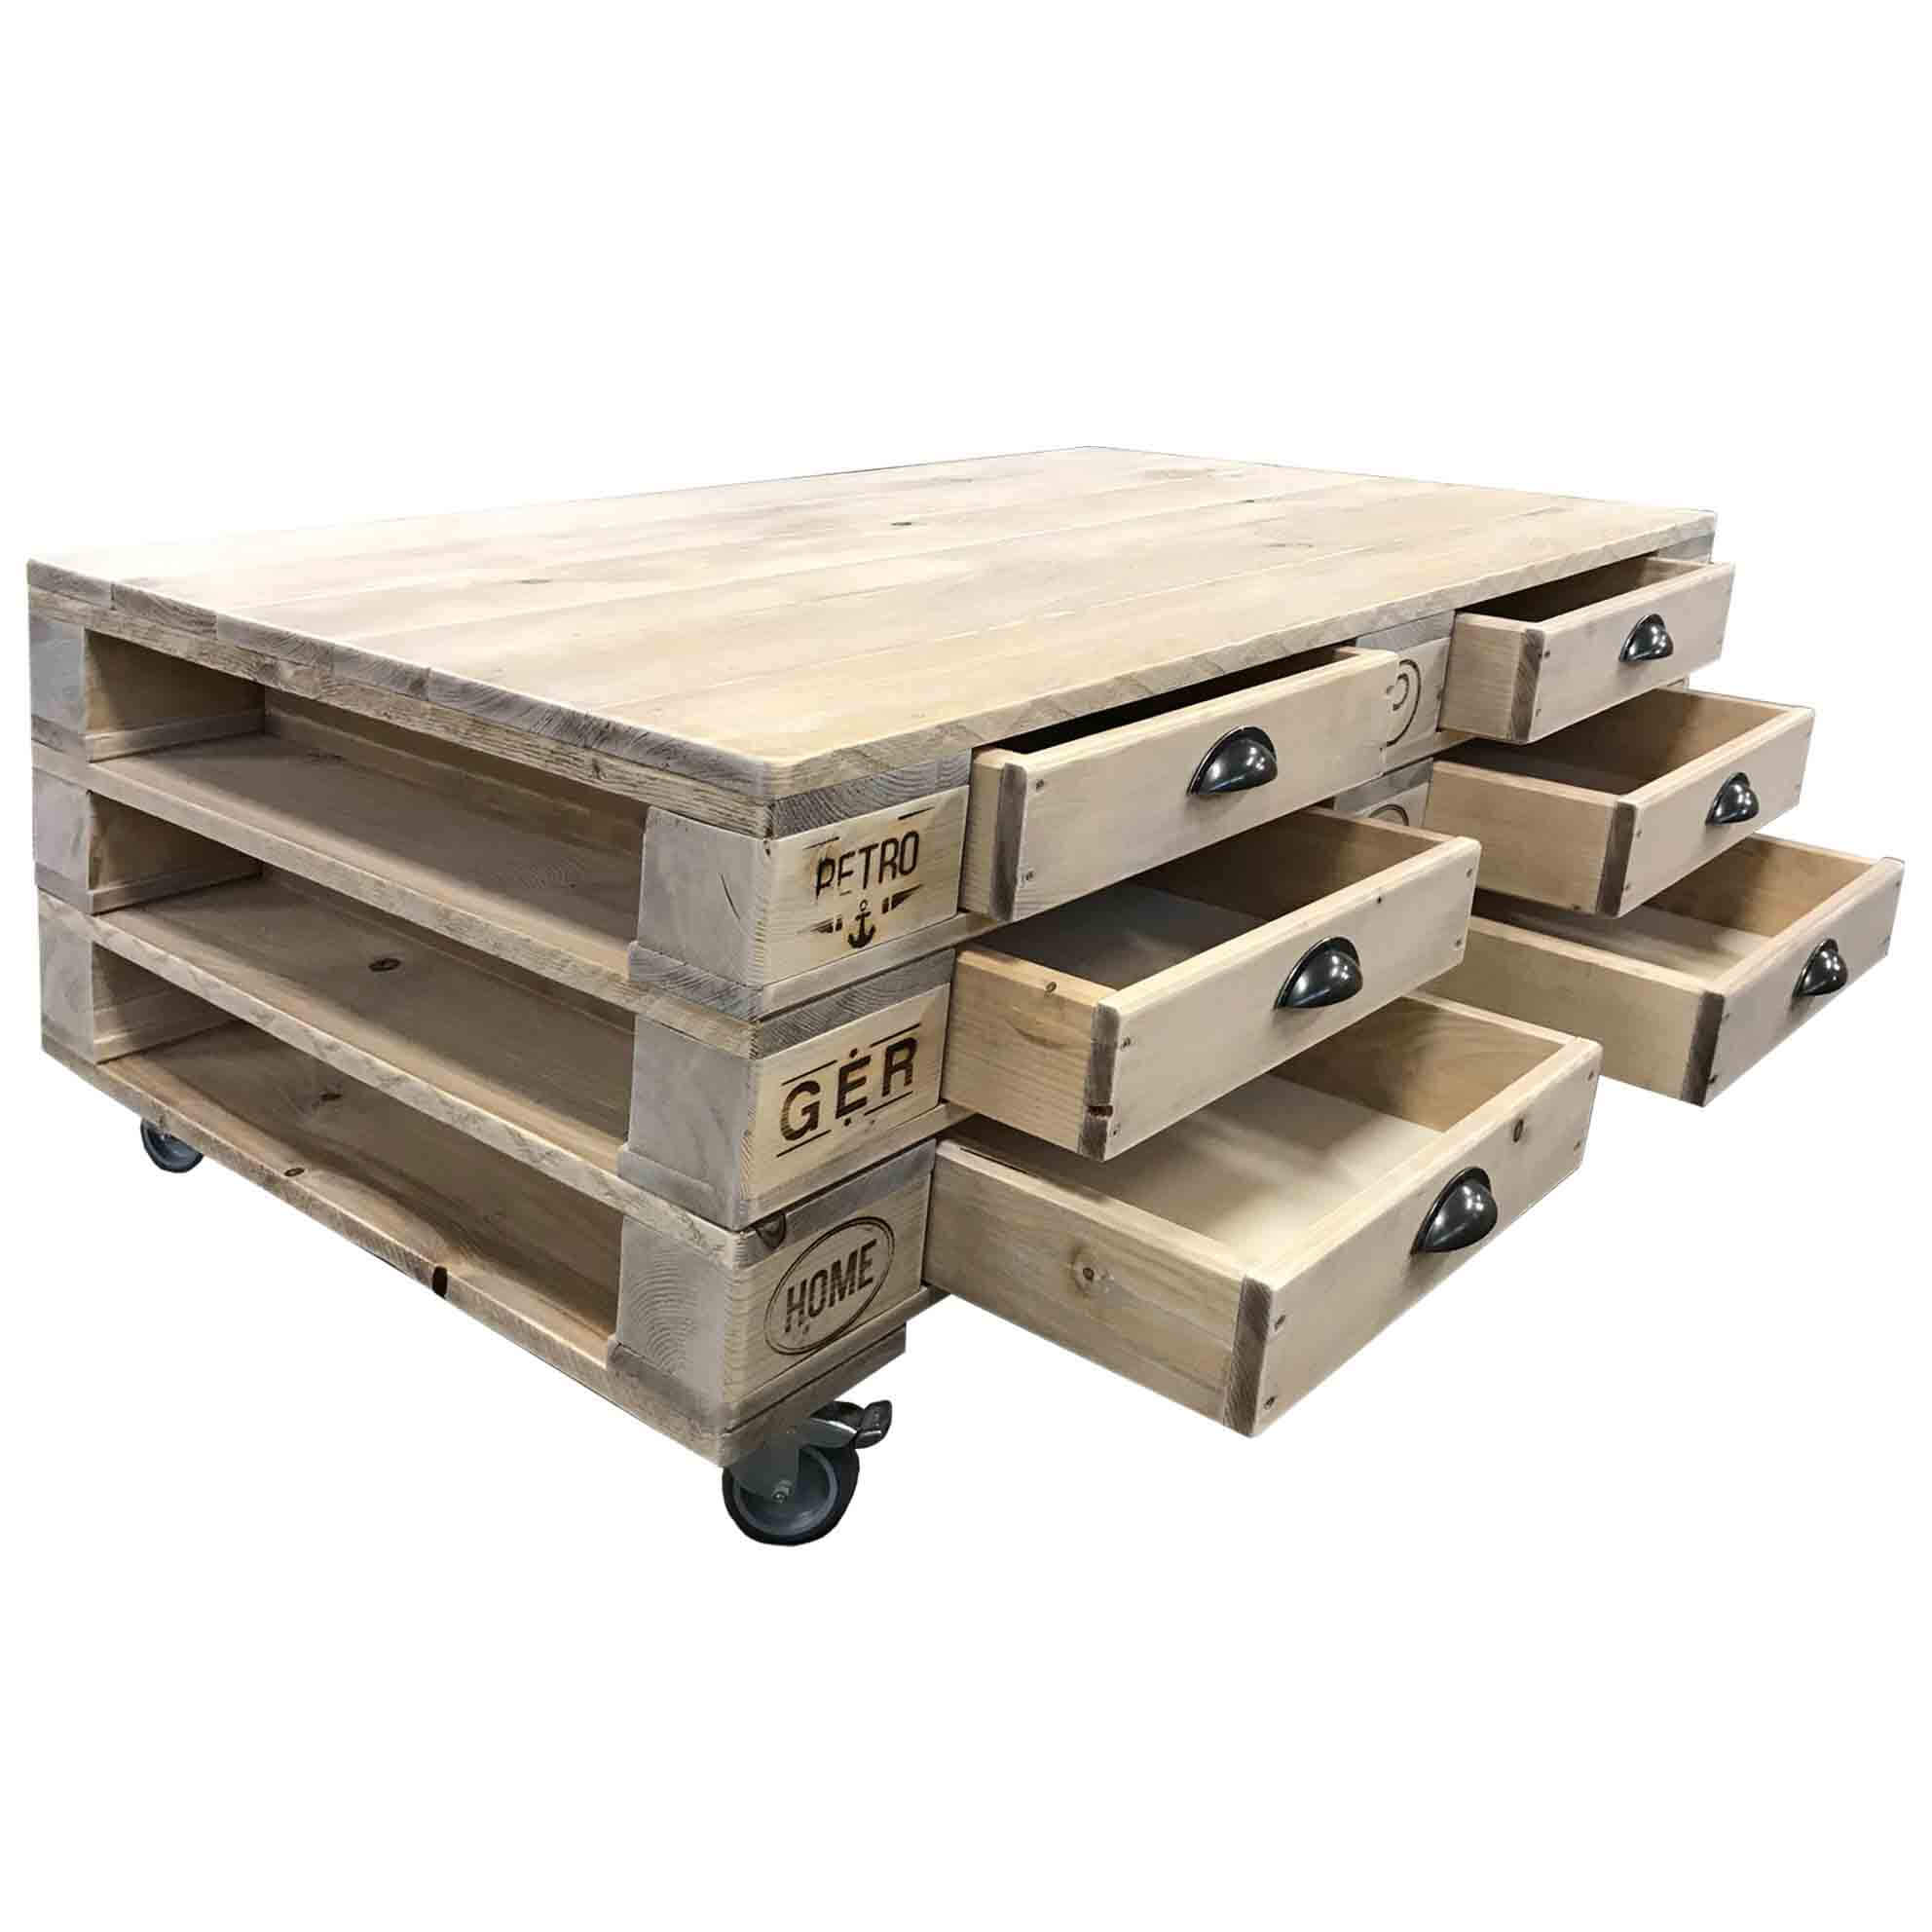 ᐅ Palettentisch Mit Schubladen Rollen Palettenmobel Tisch Shop